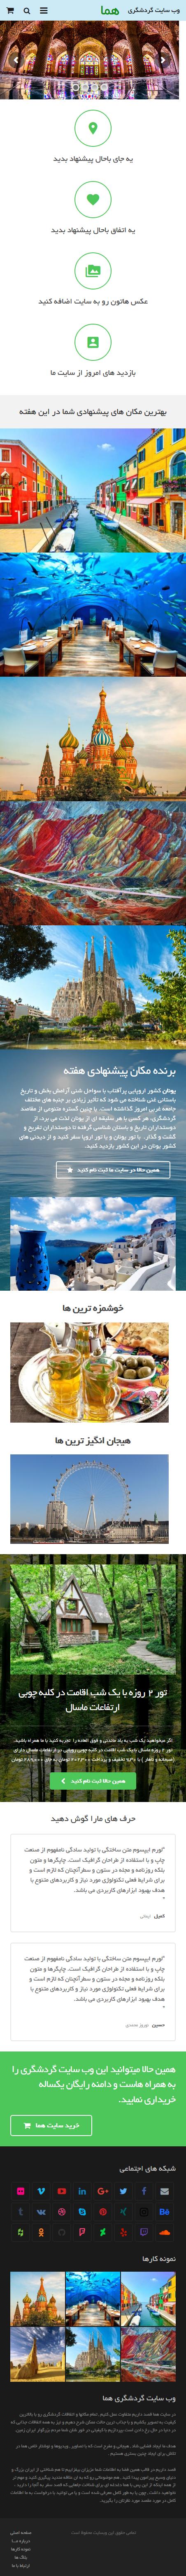 حالت موبایل سایت گردشگری هما